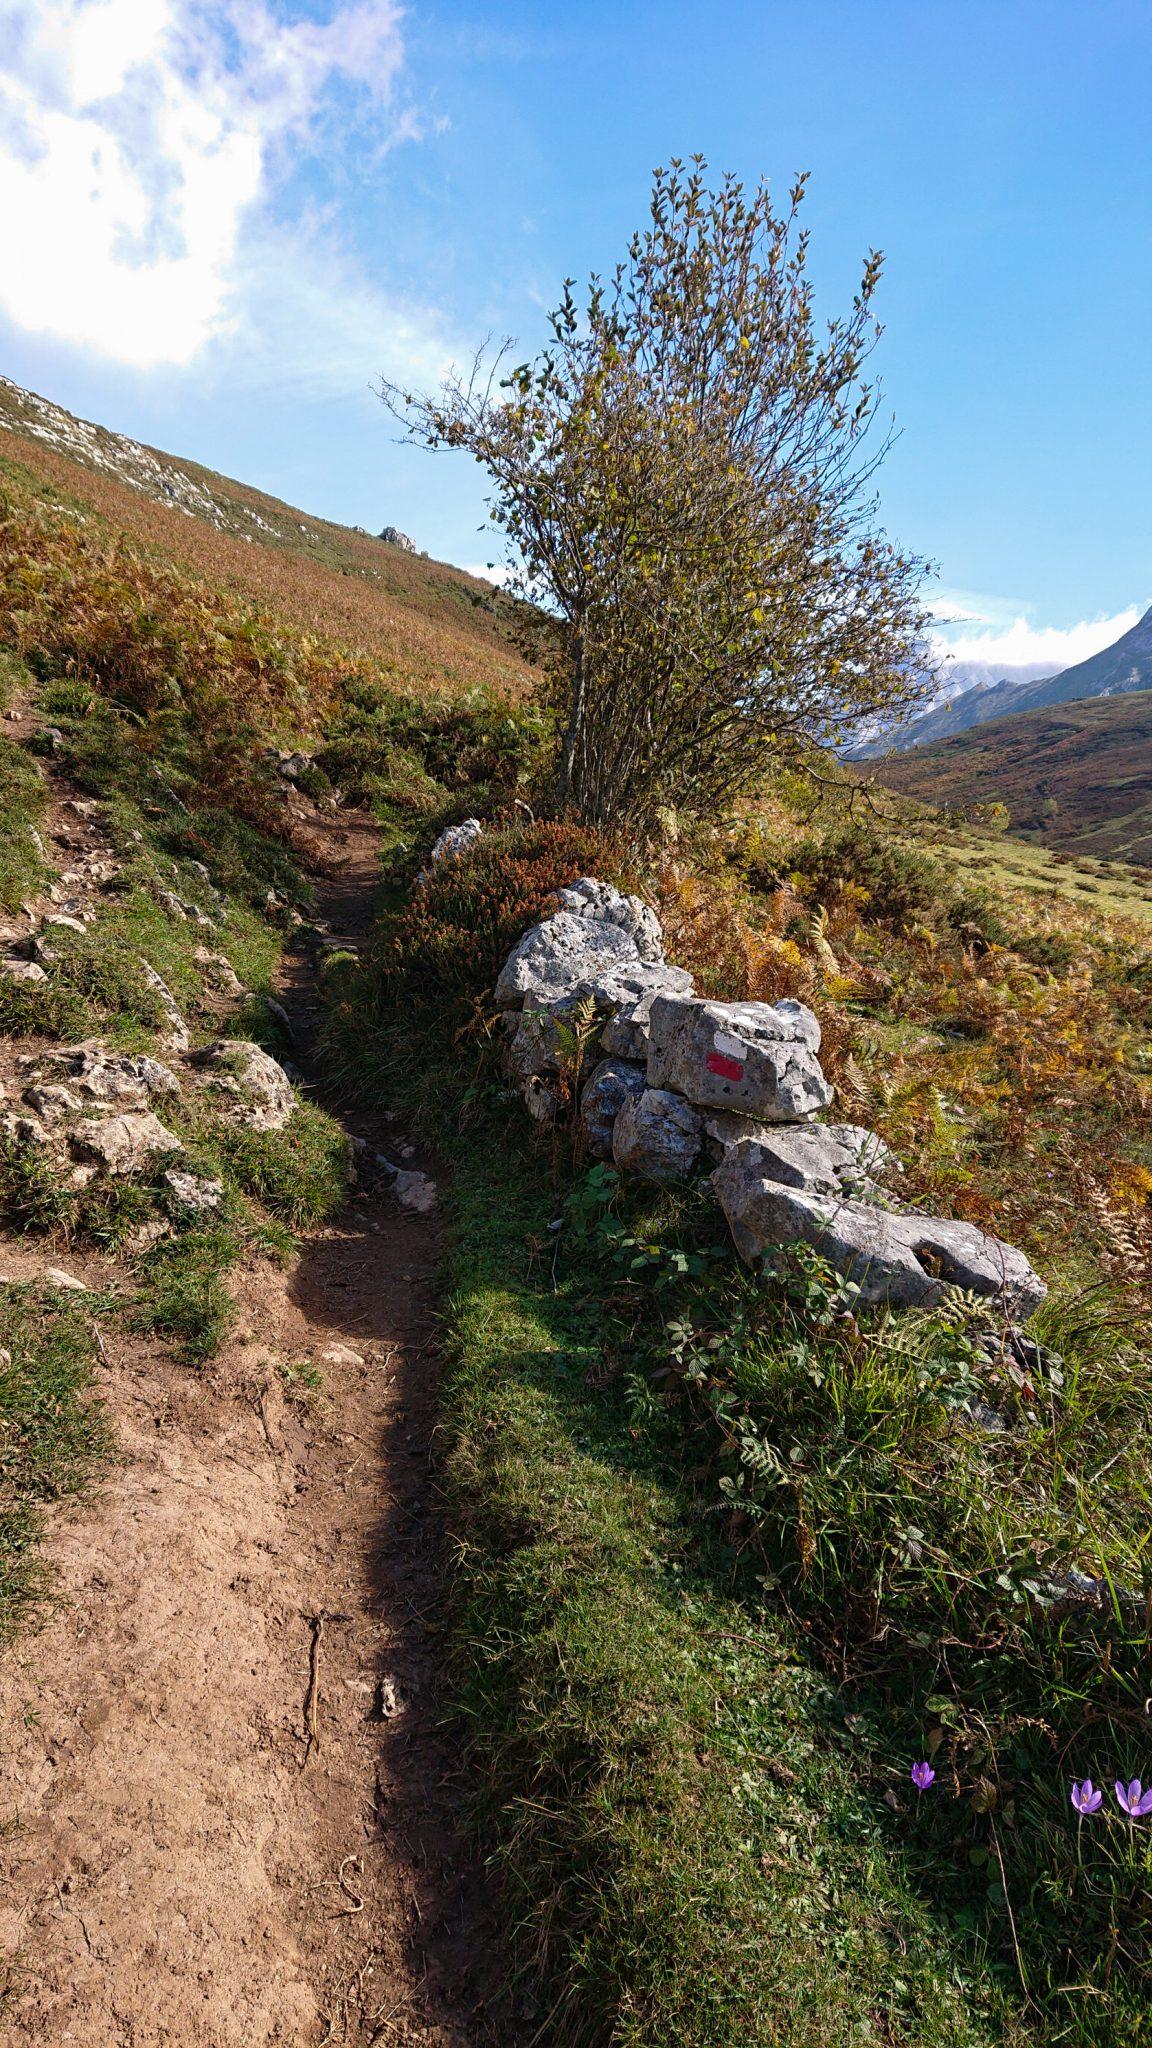 Wanderung Poncebos nach Bulnes in den Picos de Europa, schmaler Wanderpfad, saftig grüne Wiese, Steine und Geröll, tolles Wanderwetter, Wegmarkierung rot weiß Streifen, Weg zur Ebene Collado de Pandebano